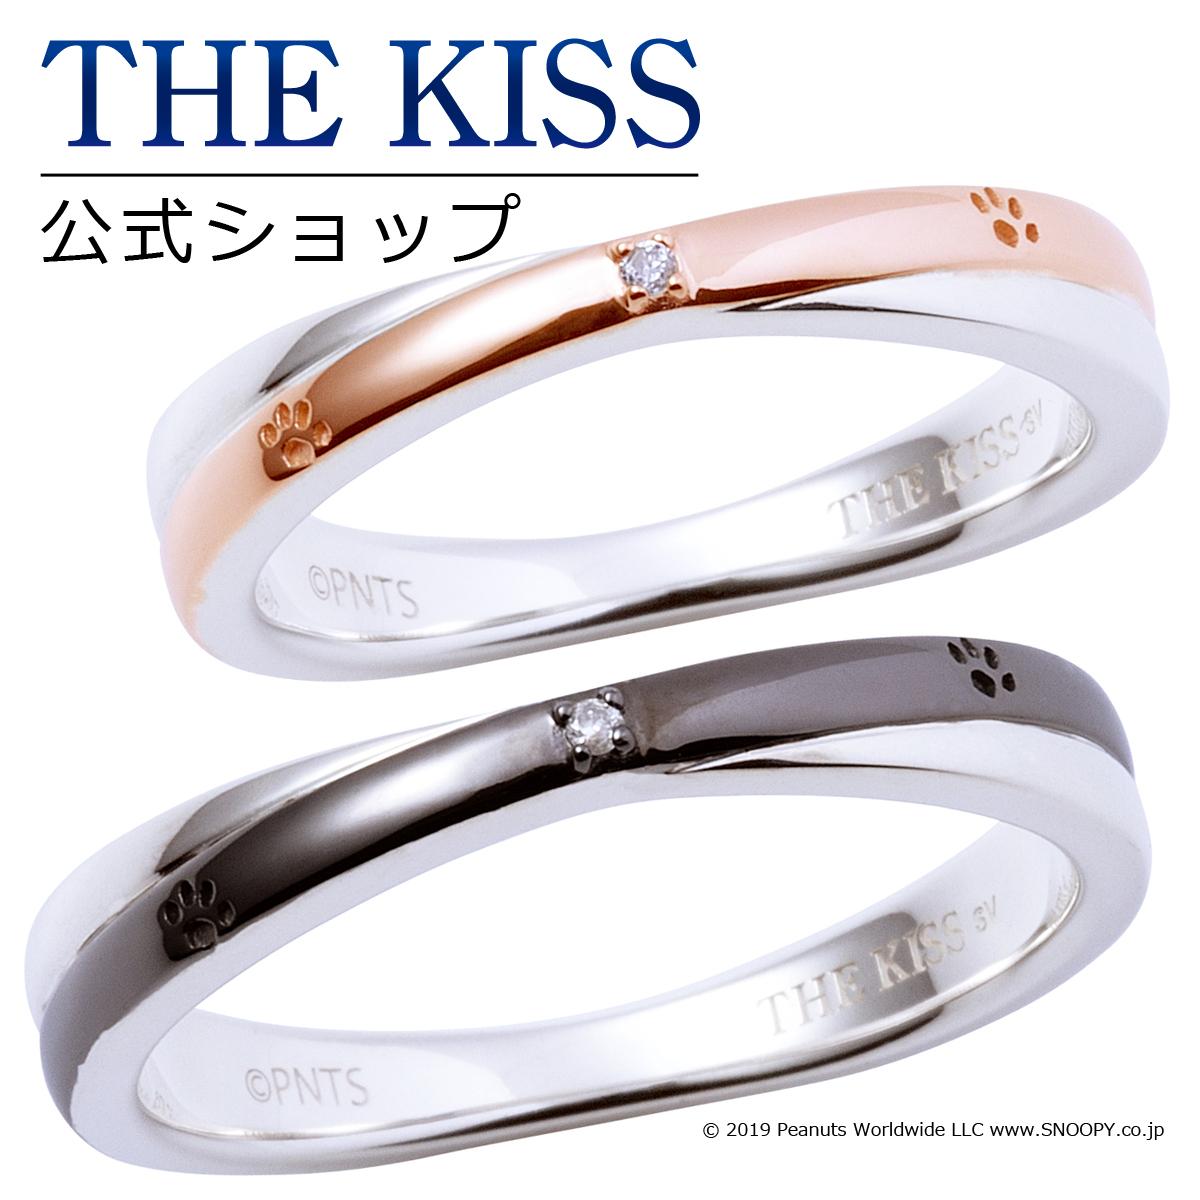 【あす楽対応】【PEANUTS×THE KISSコラボ】PEANUTS スヌーピー / THE KISS 公式サイト シルバー ペアリング ( レディース メンズ ) ペアアクセサリー カップル に 人気 の ジュエリーブランド THEKISS ペア リング・指輪 PN-SR508DM-509DM ザキス 【送料無料】